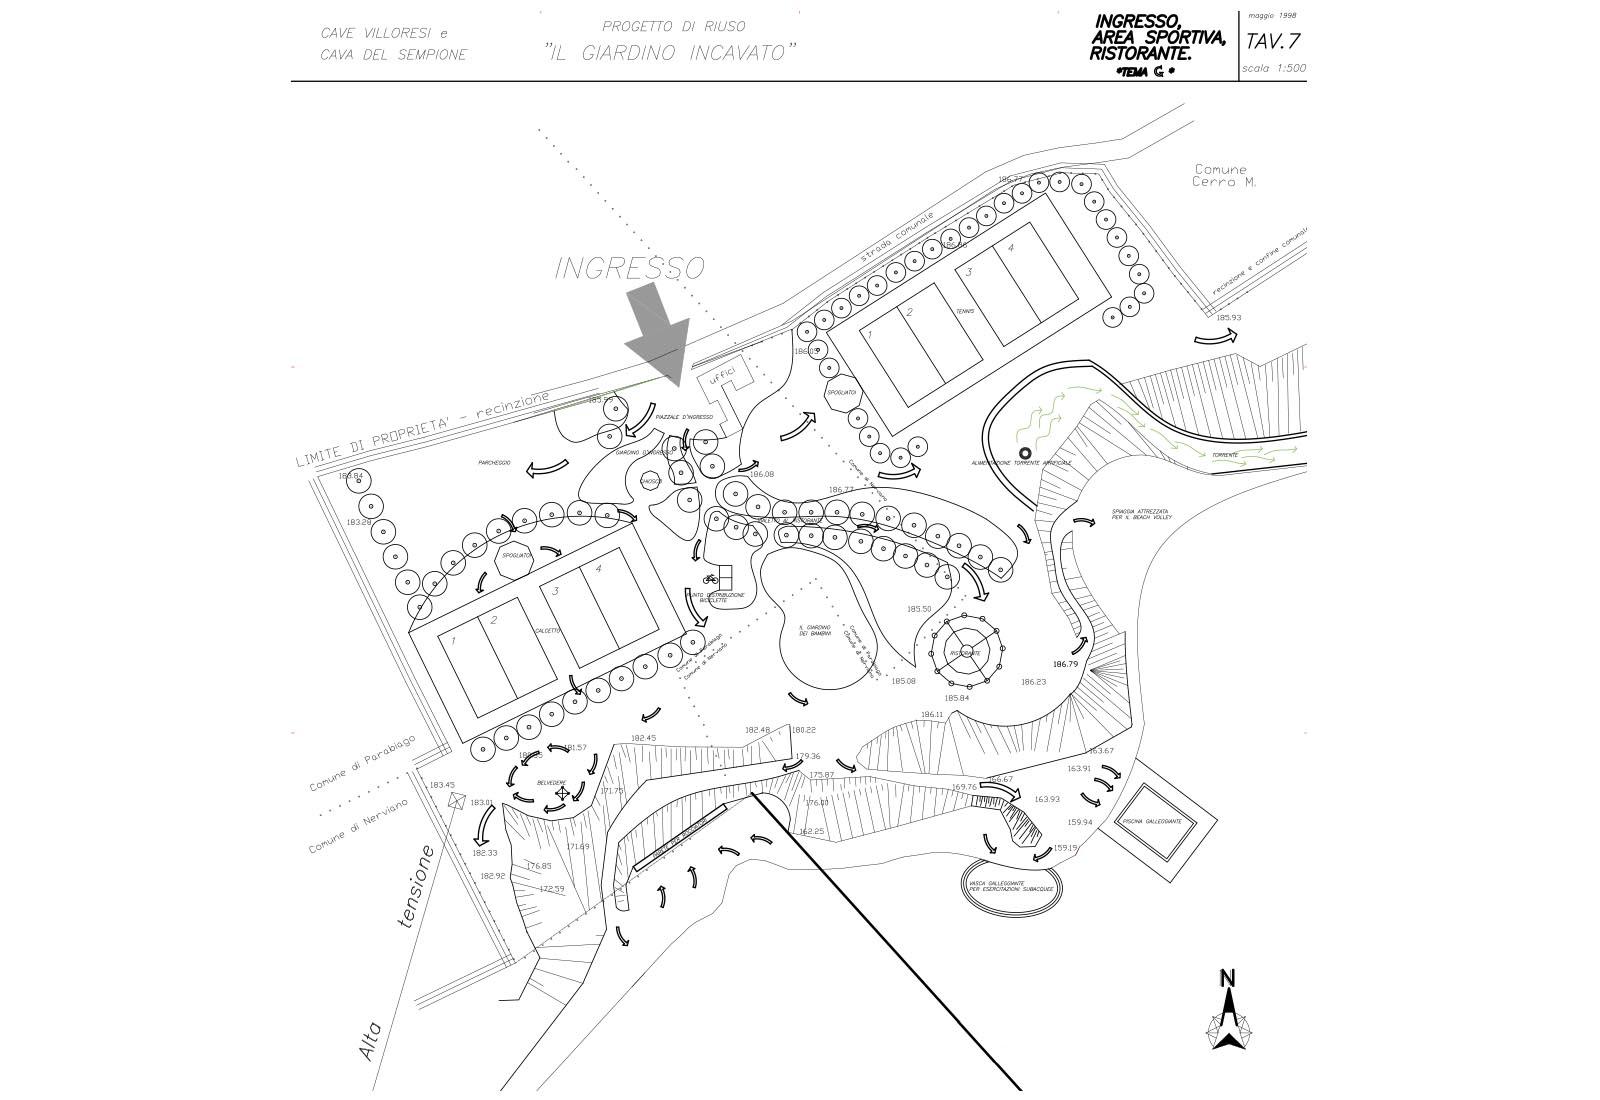 Riuso cave Villoresi e Sempione - Progetto di riuso: Tav.7 Area sportiva ristorante